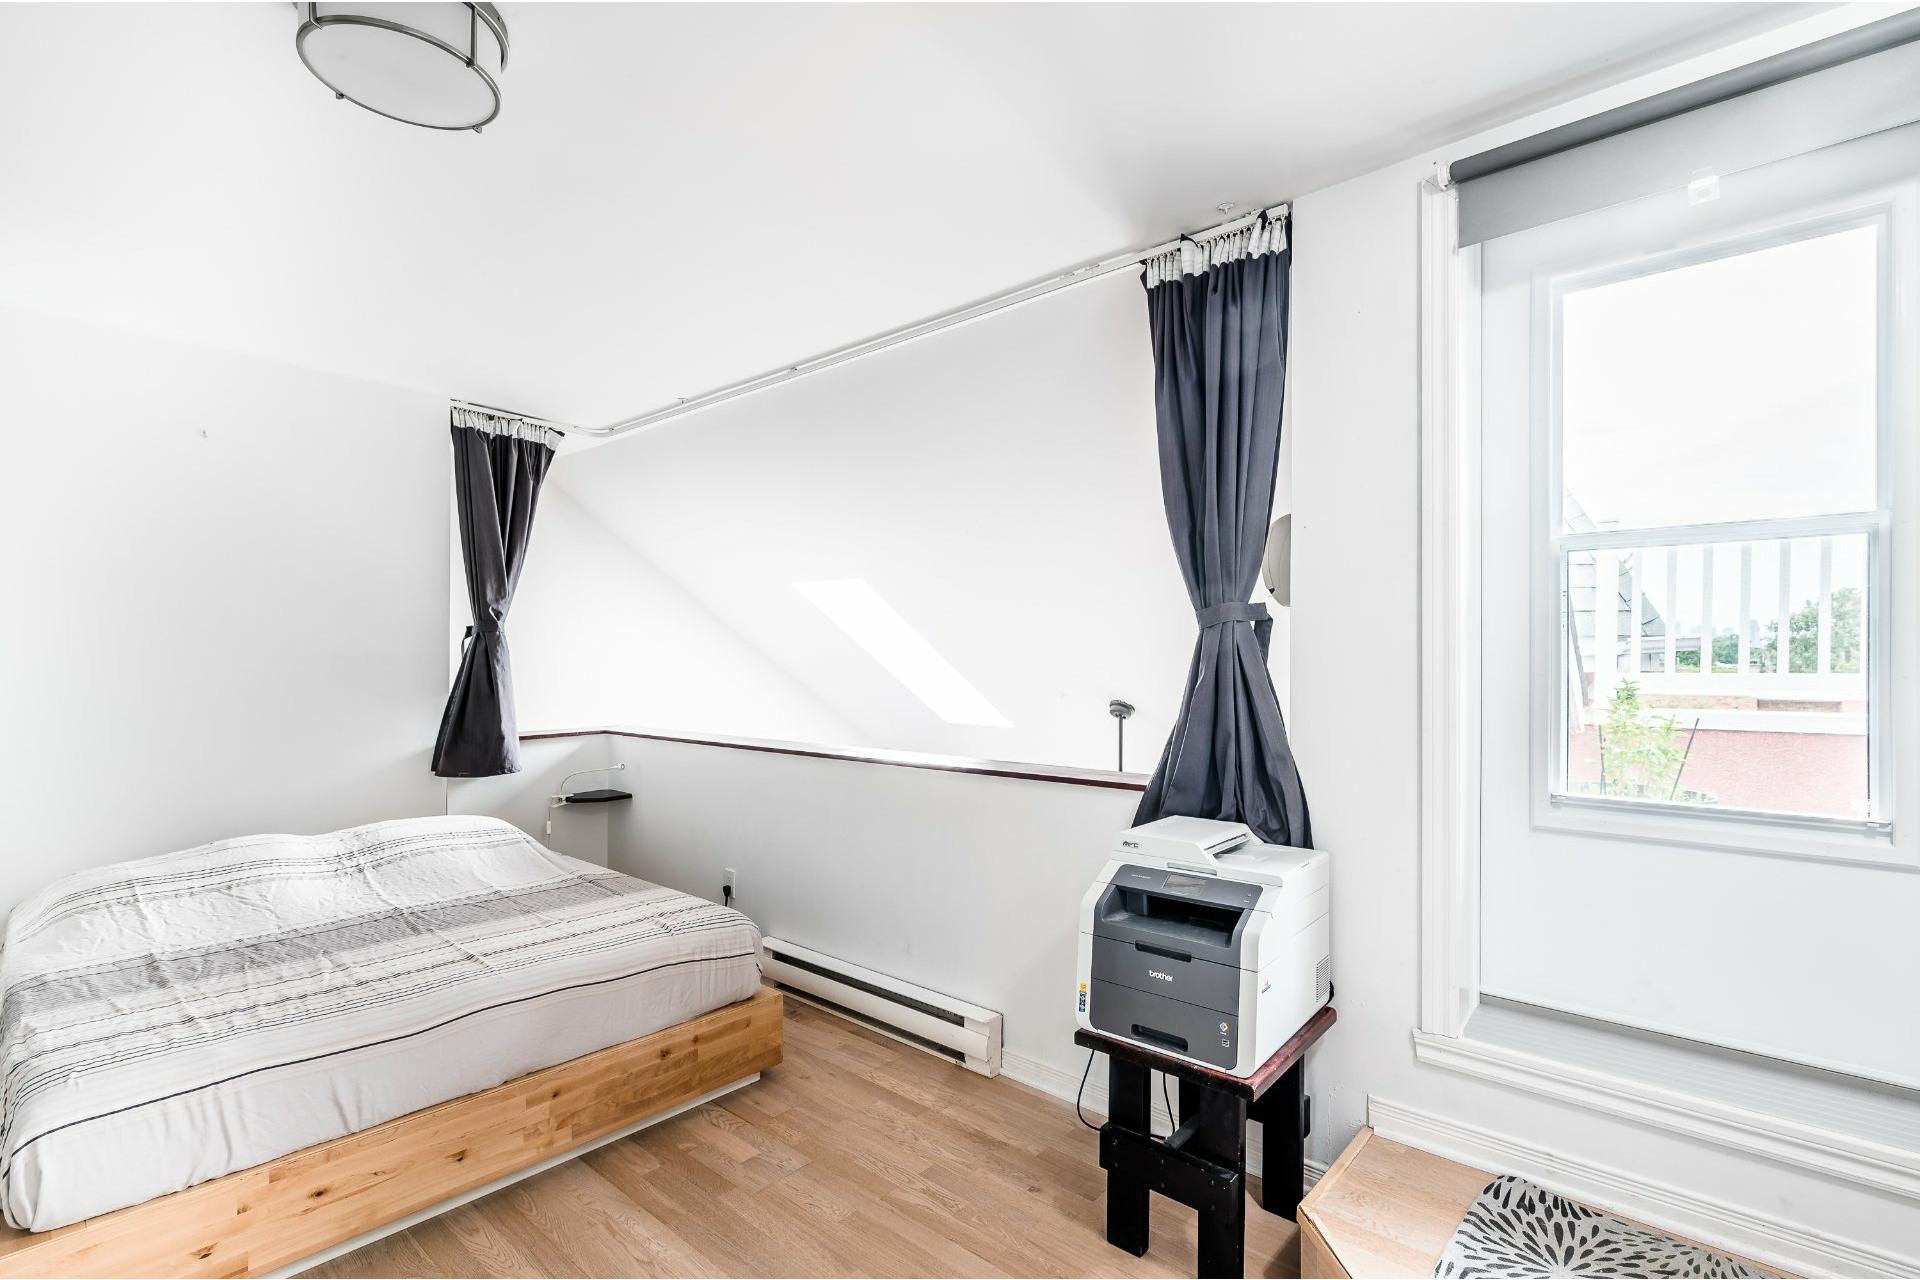 image 24 - Appartement À vendre Verdun/Île-des-Soeurs Montréal  - 5 pièces